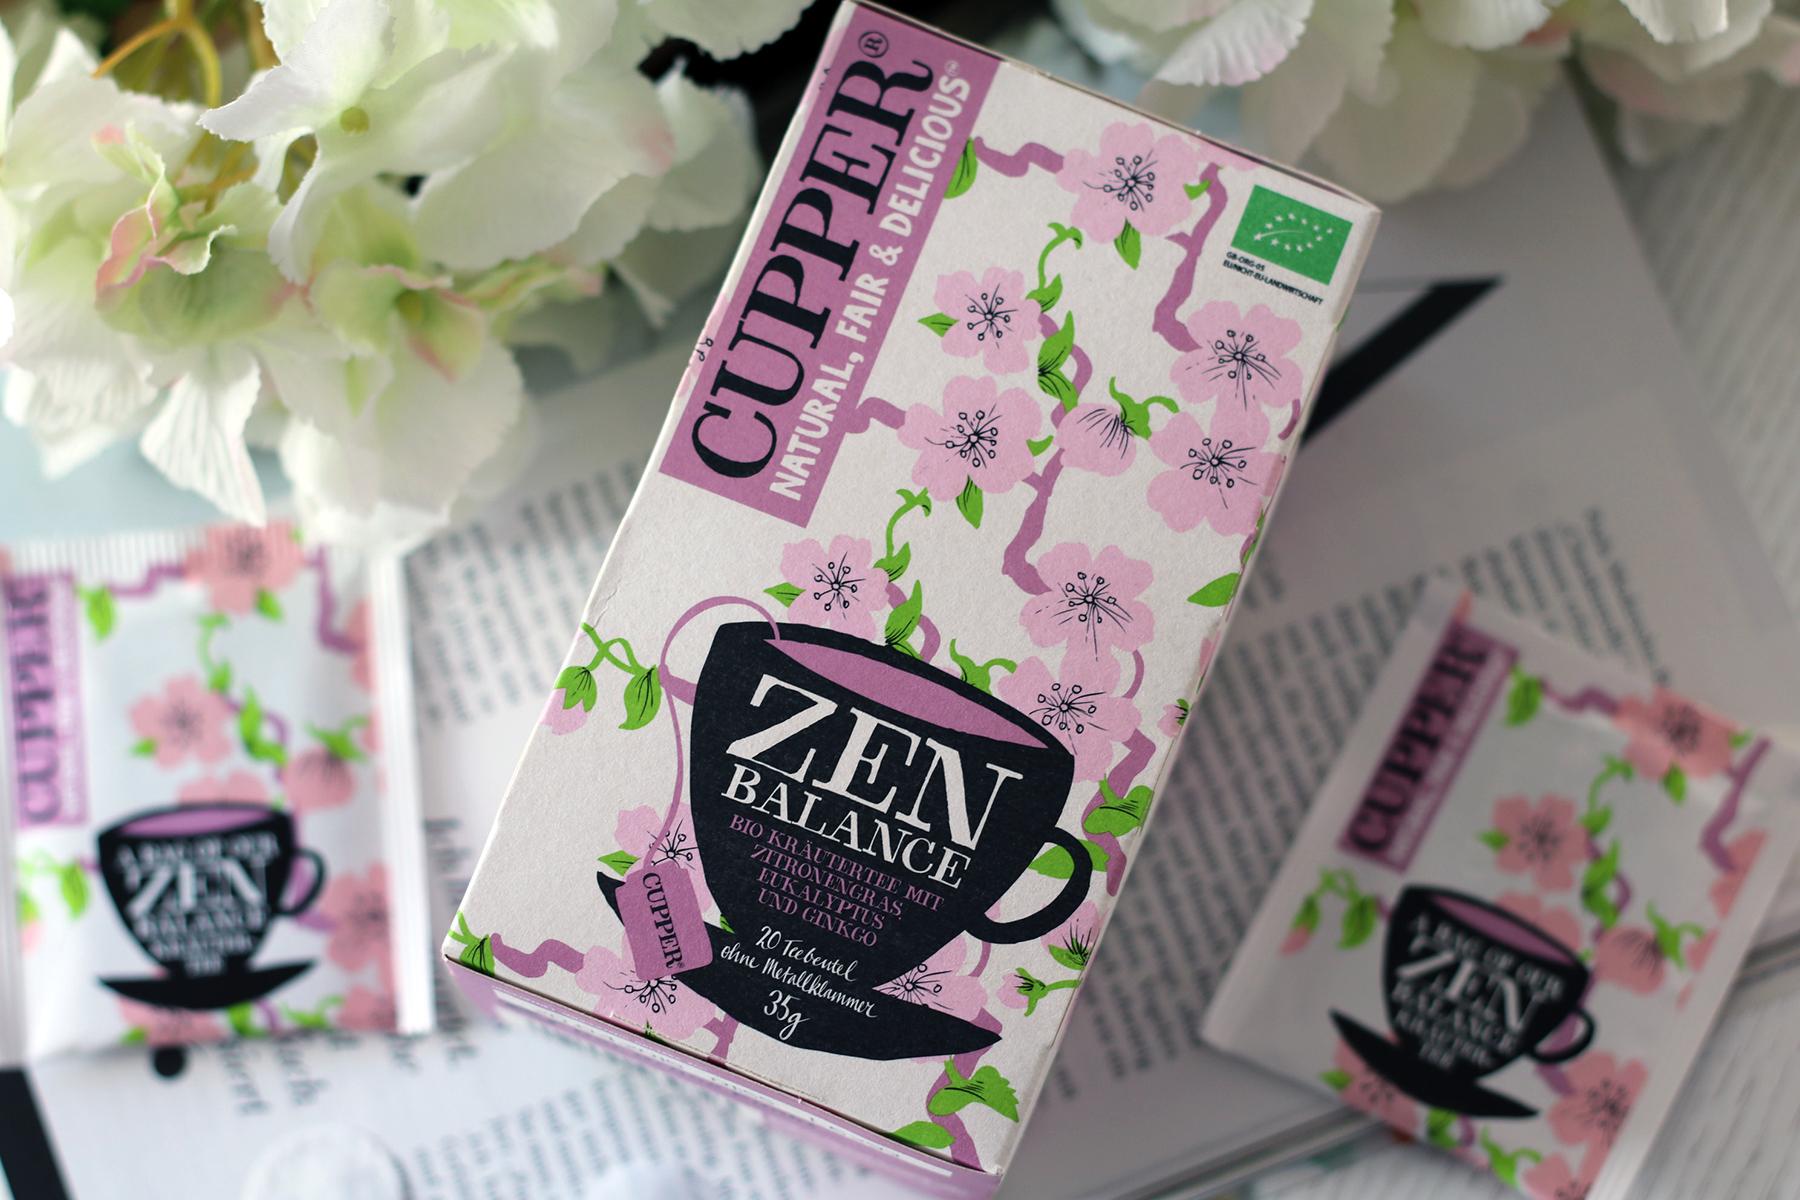 cupper-tea-post-auszeit-modeblog-fashionblog-tipps-ruhe-gönnen-seit-für-sich1